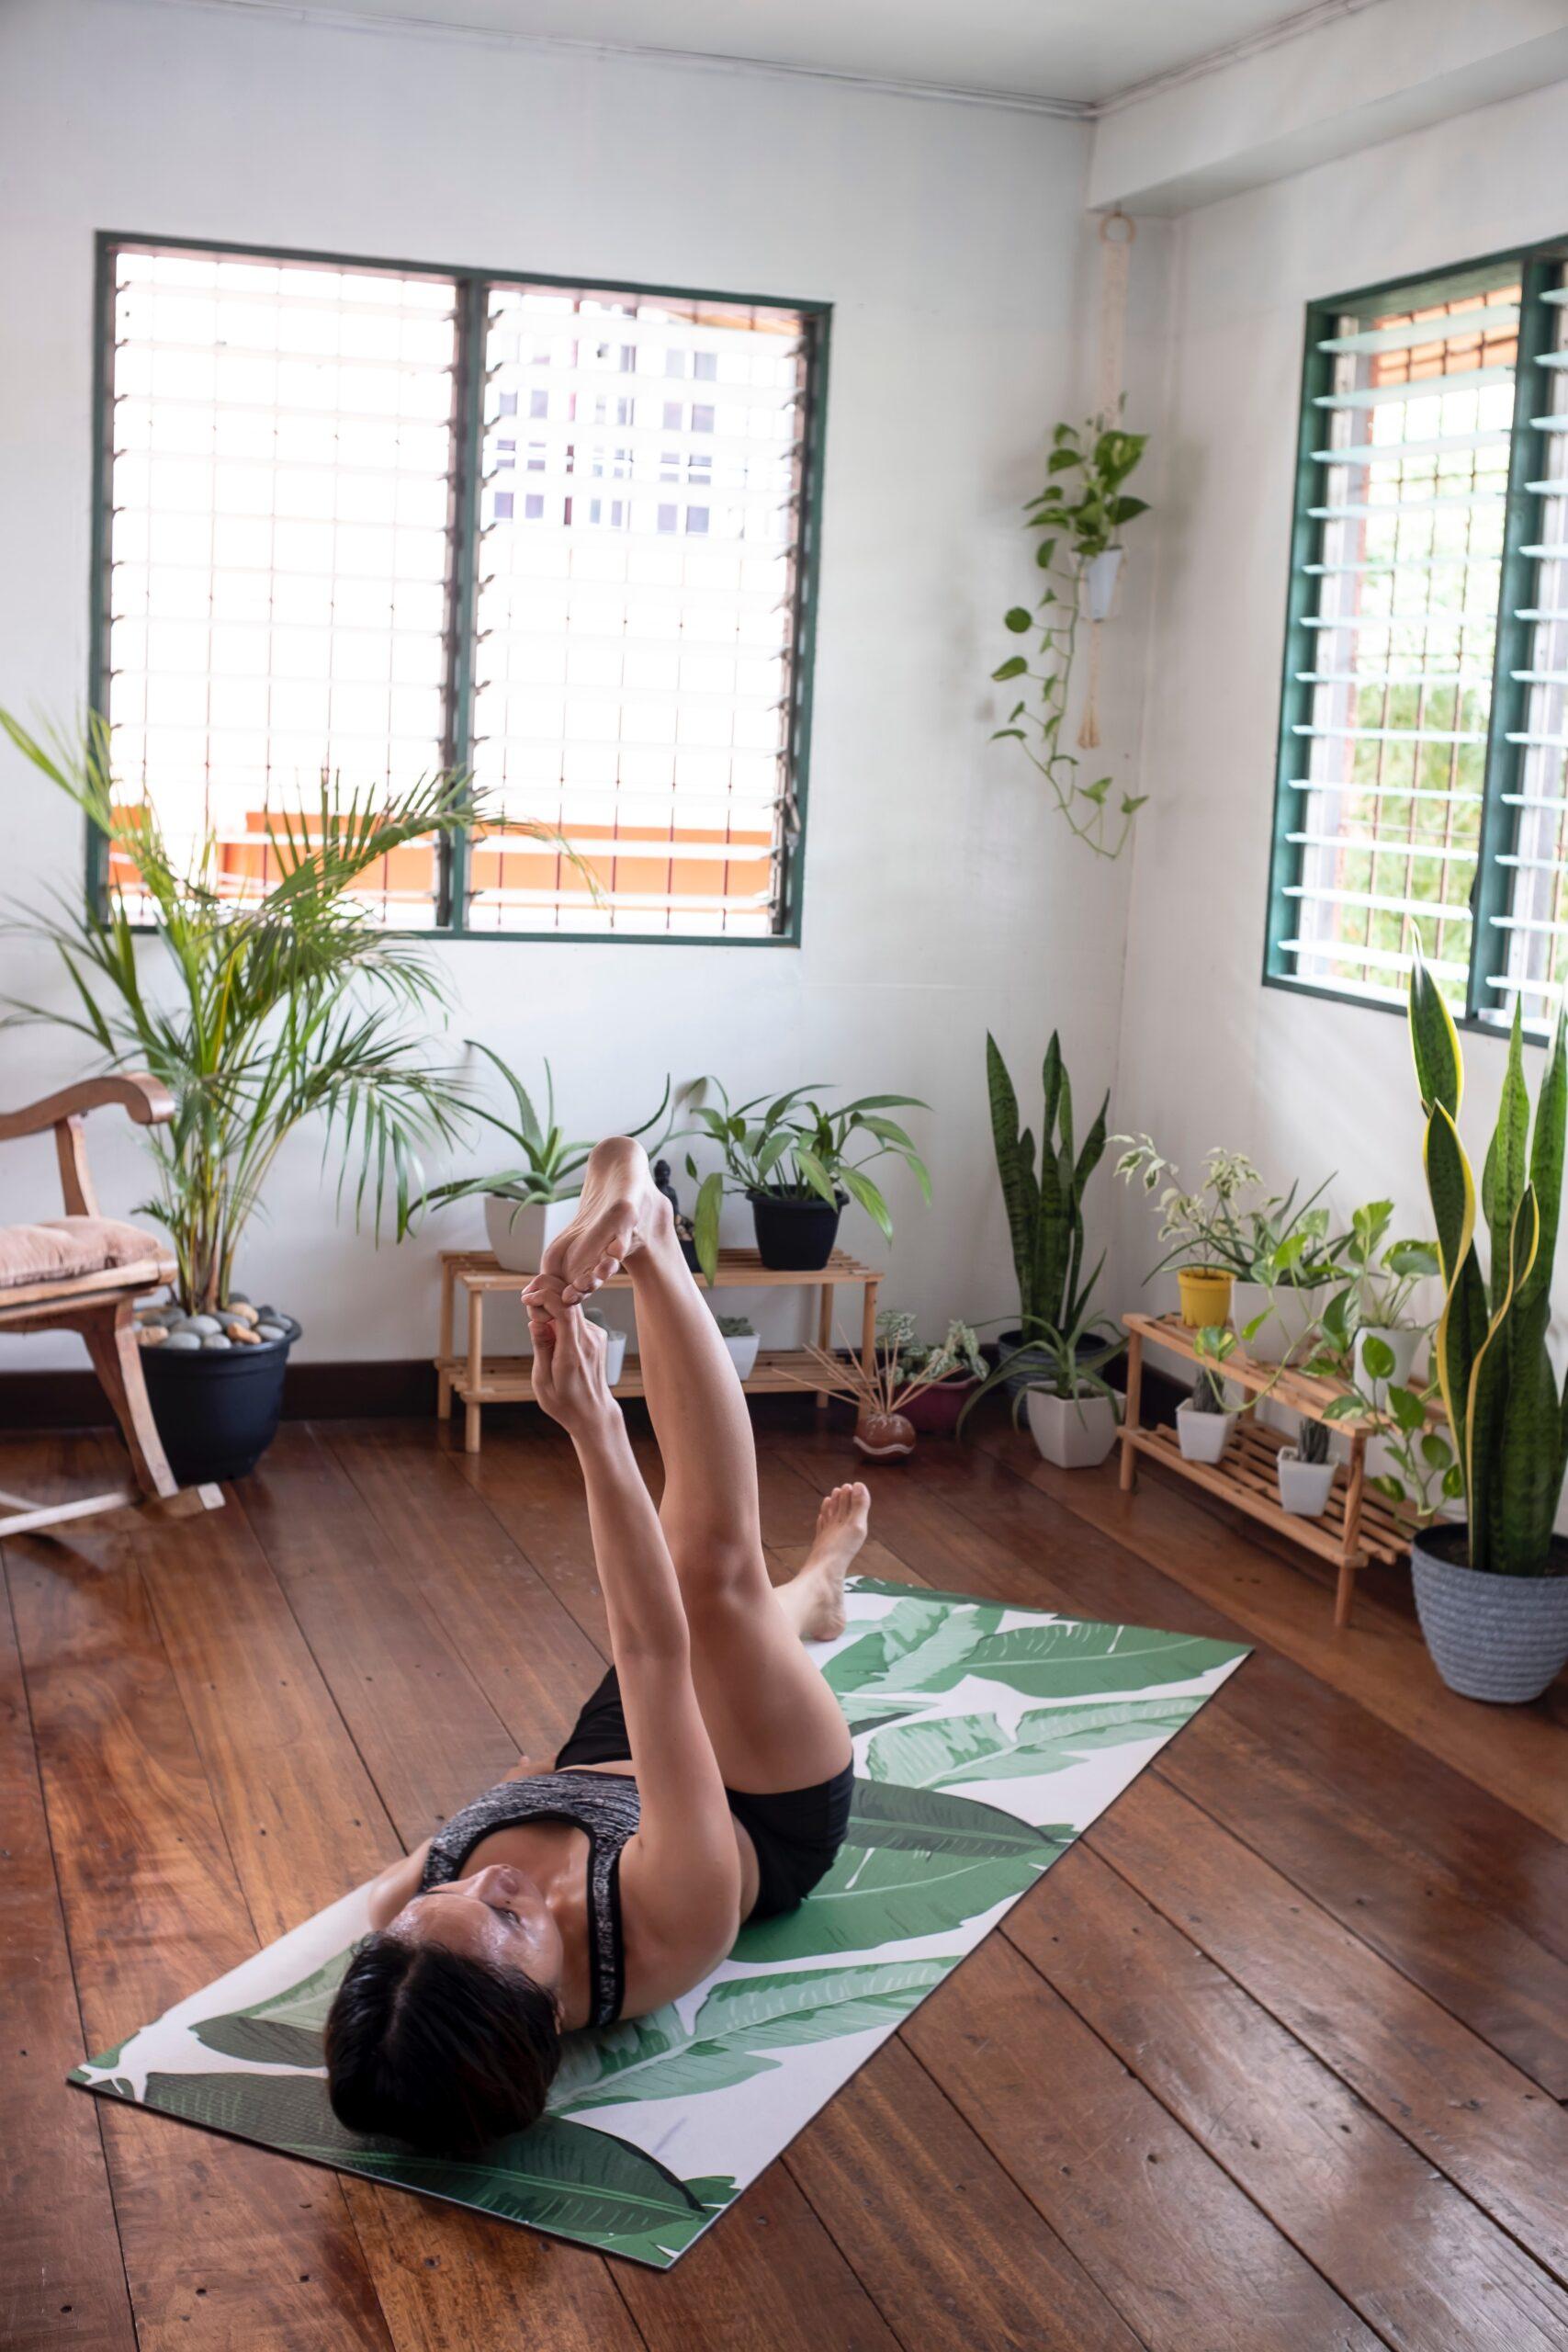 Η άσκηση ακόμα και μέσα στο σπίτι βελτιώνει την ψυχολογία μας 1